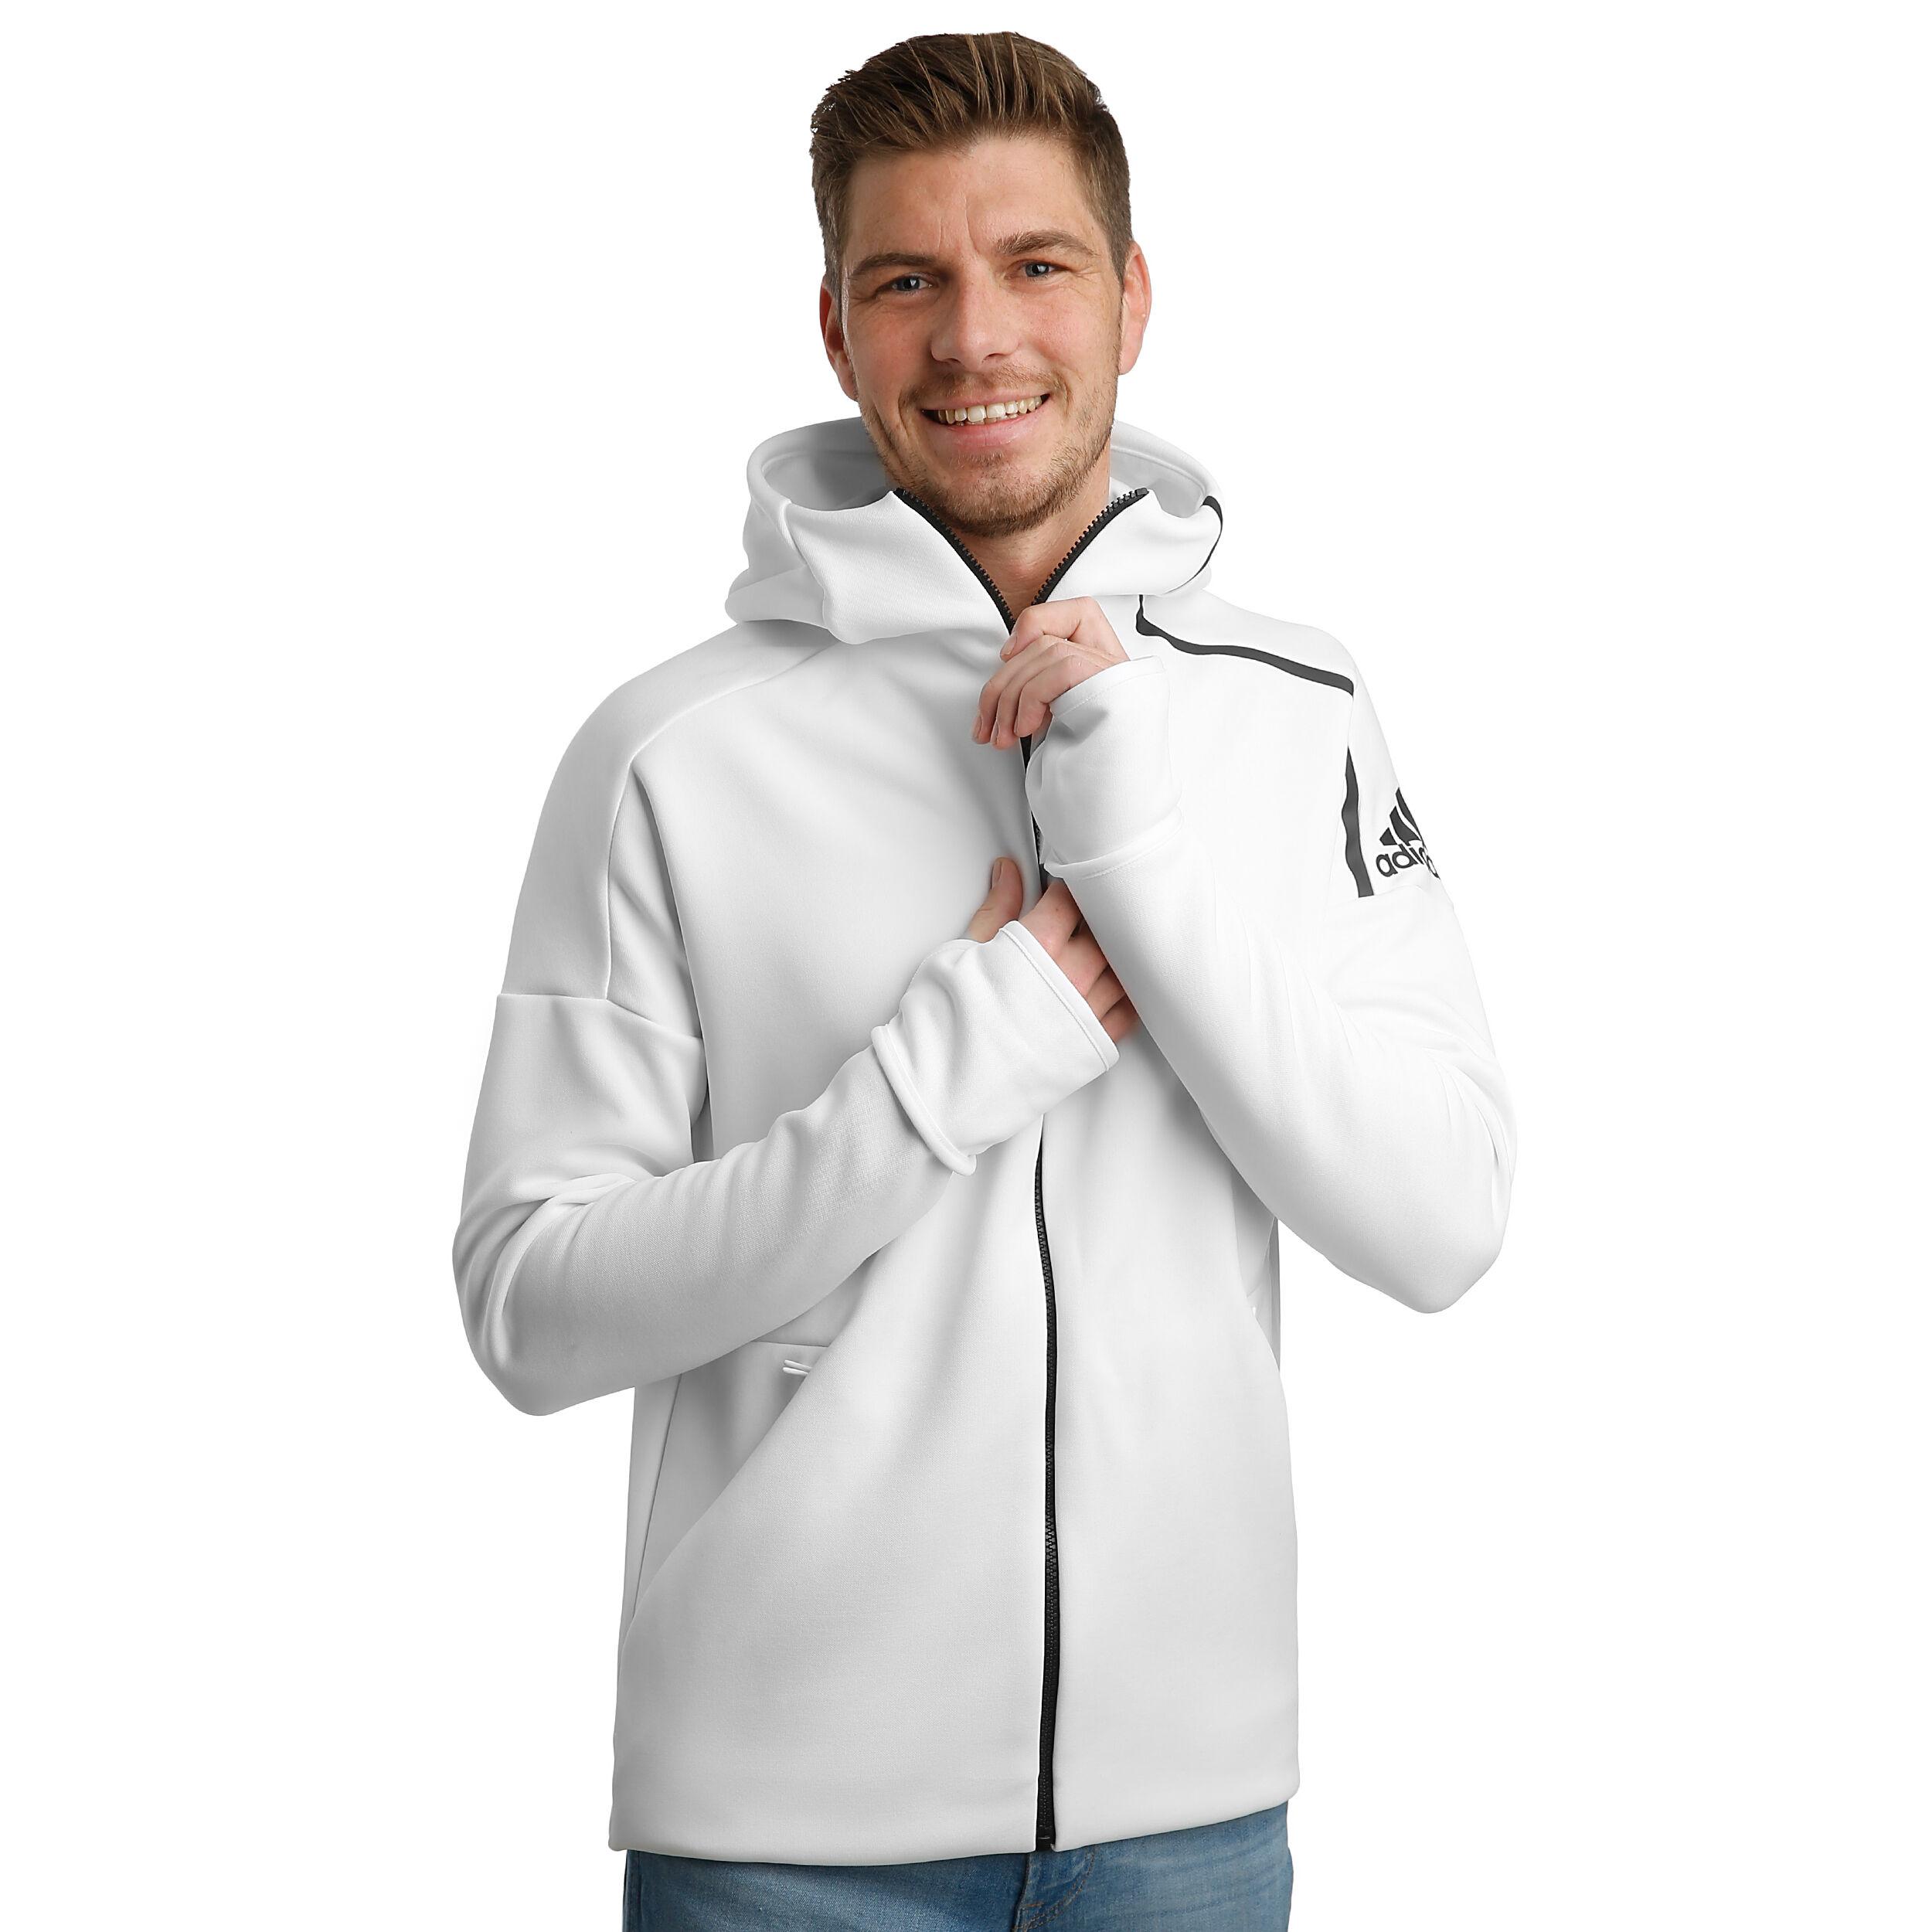 adidas Z.N.E. Fast Release Zipper Sweatjacke Herren Weiß